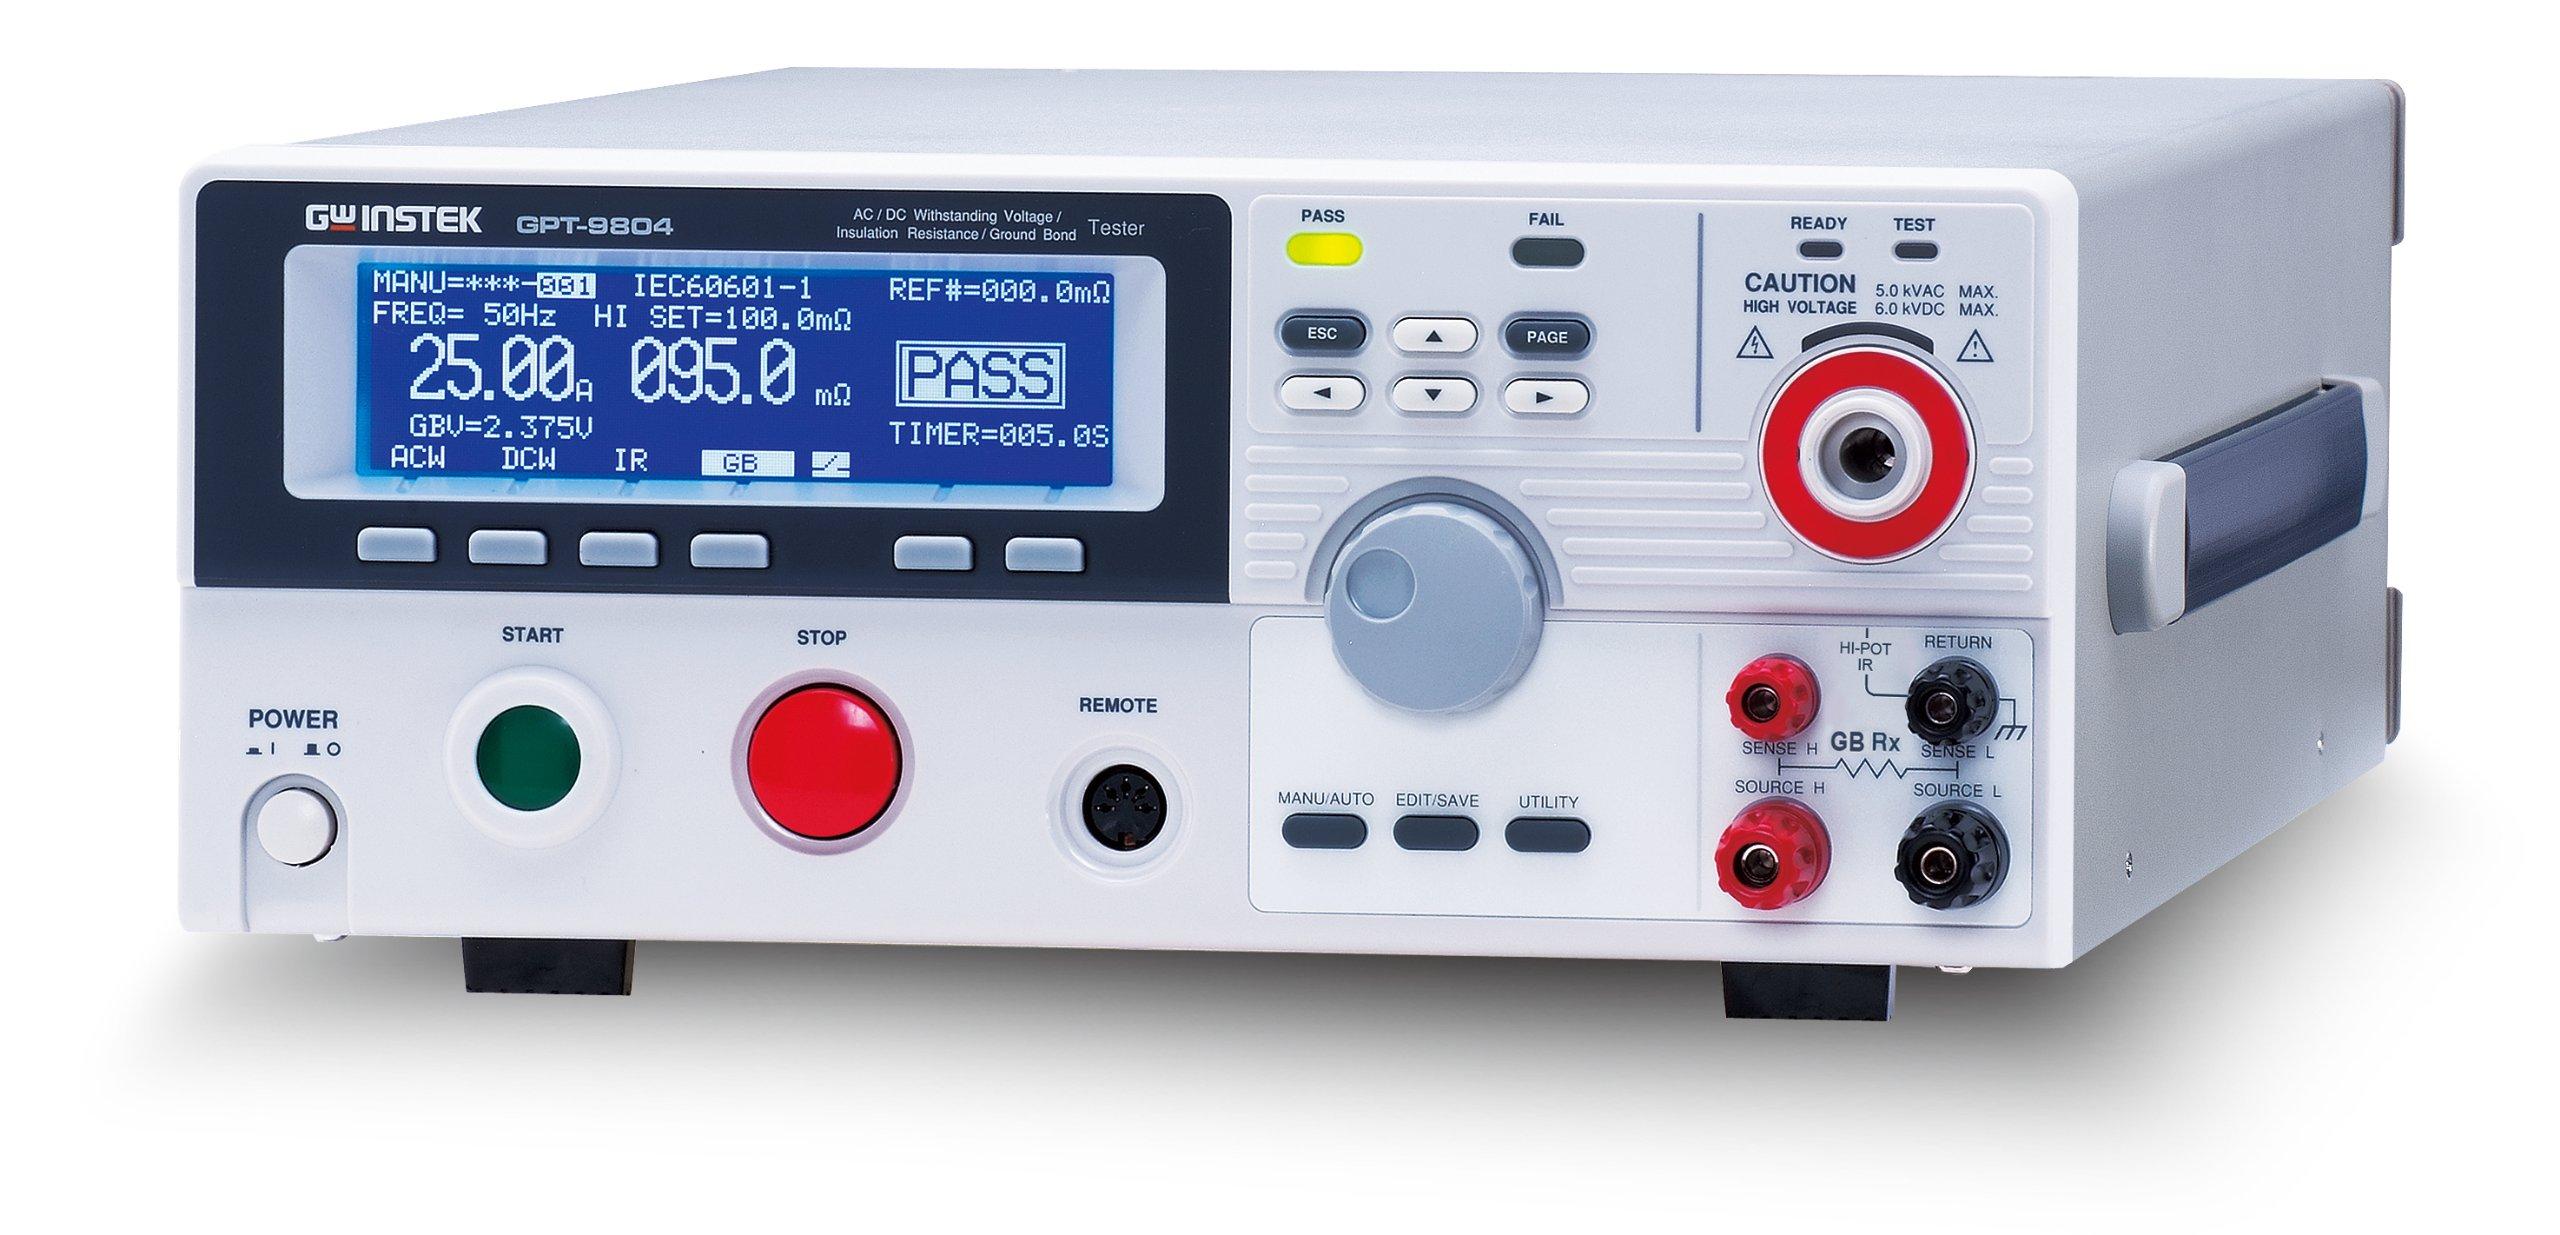 GW Instek GPT-9801 Safety Tester, AC, Withstanding Voltage, 200V